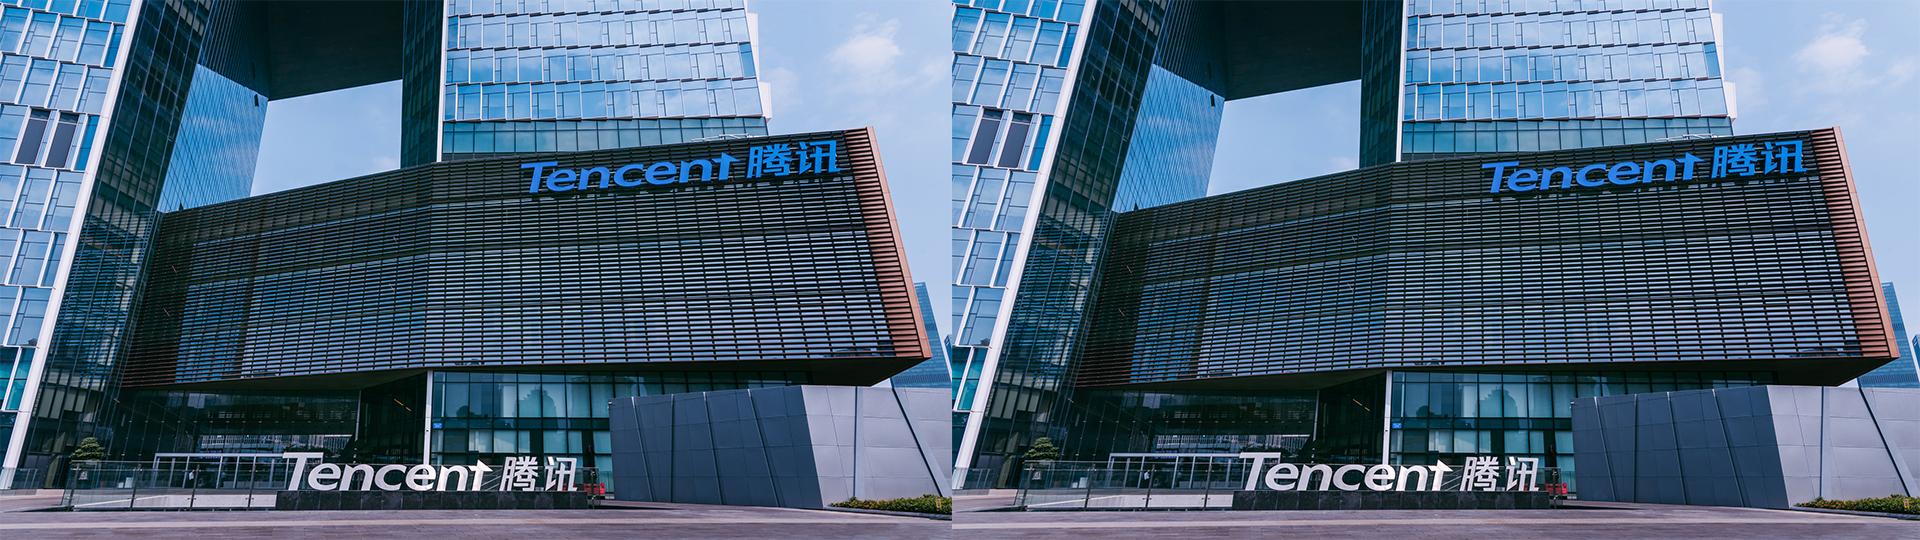 伊视贝受邀参加腾讯云物联网技术与实践沙龙